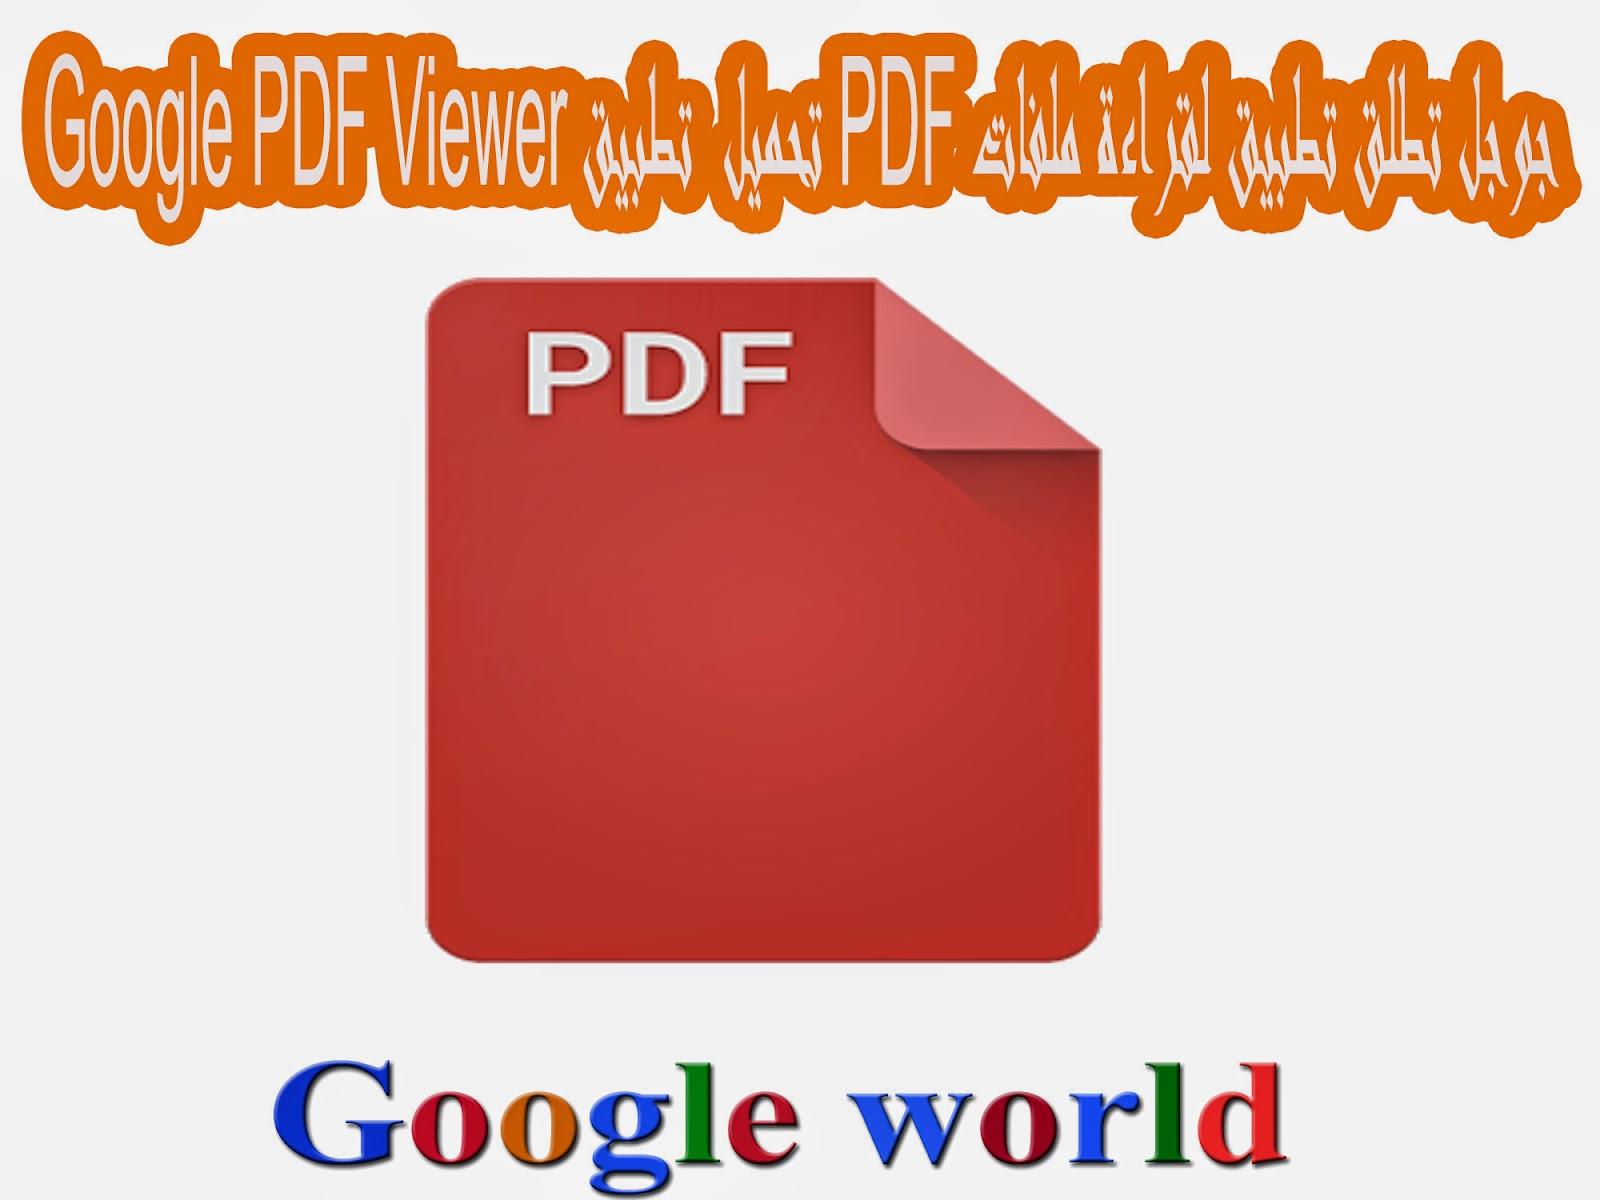 تحميل تطبيق Google PDF Viewer